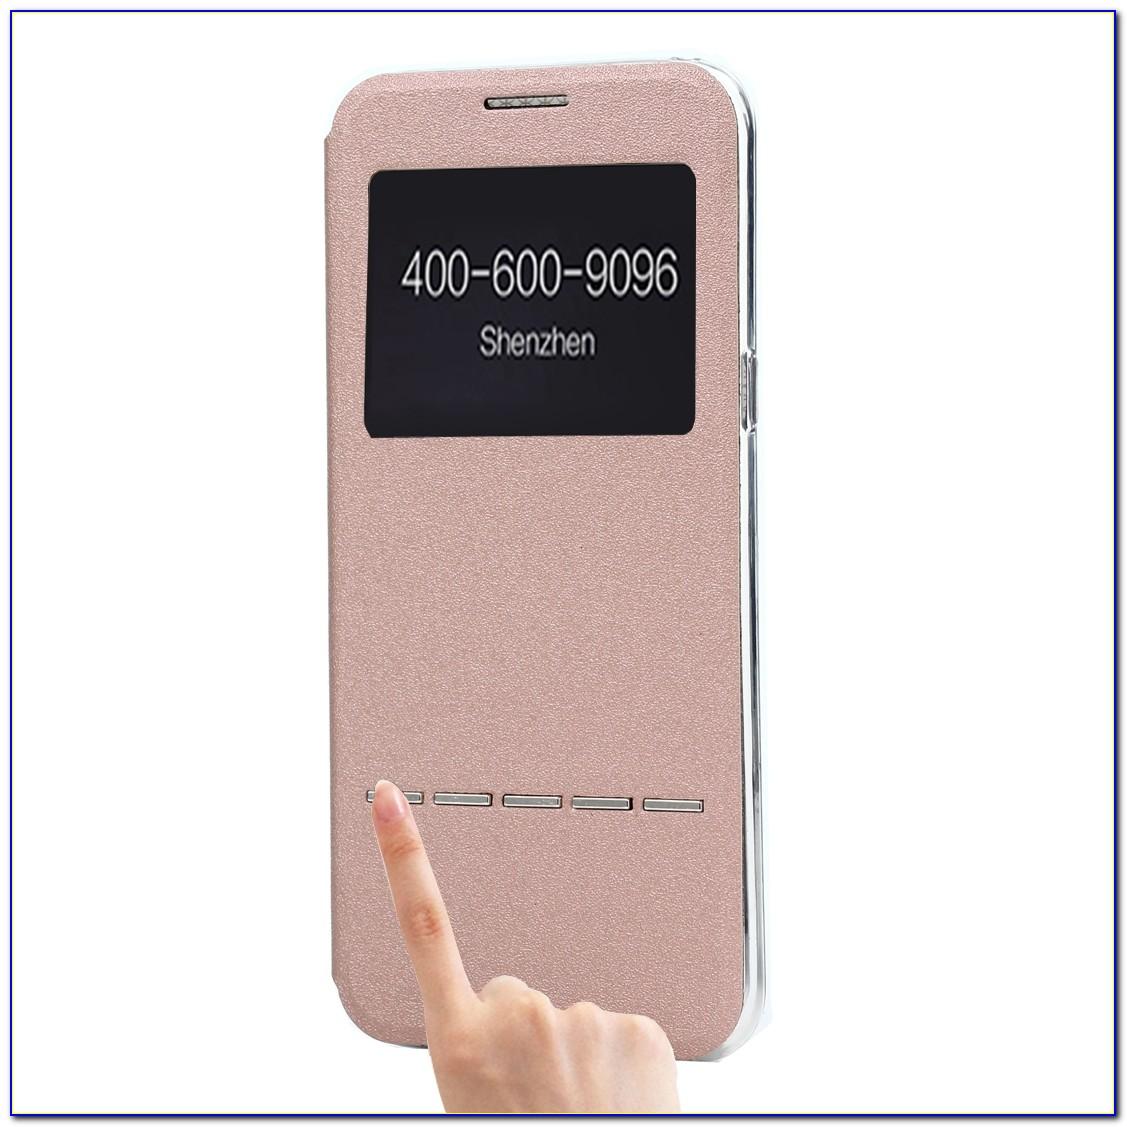 Galaxy S8 Announce Caller Name